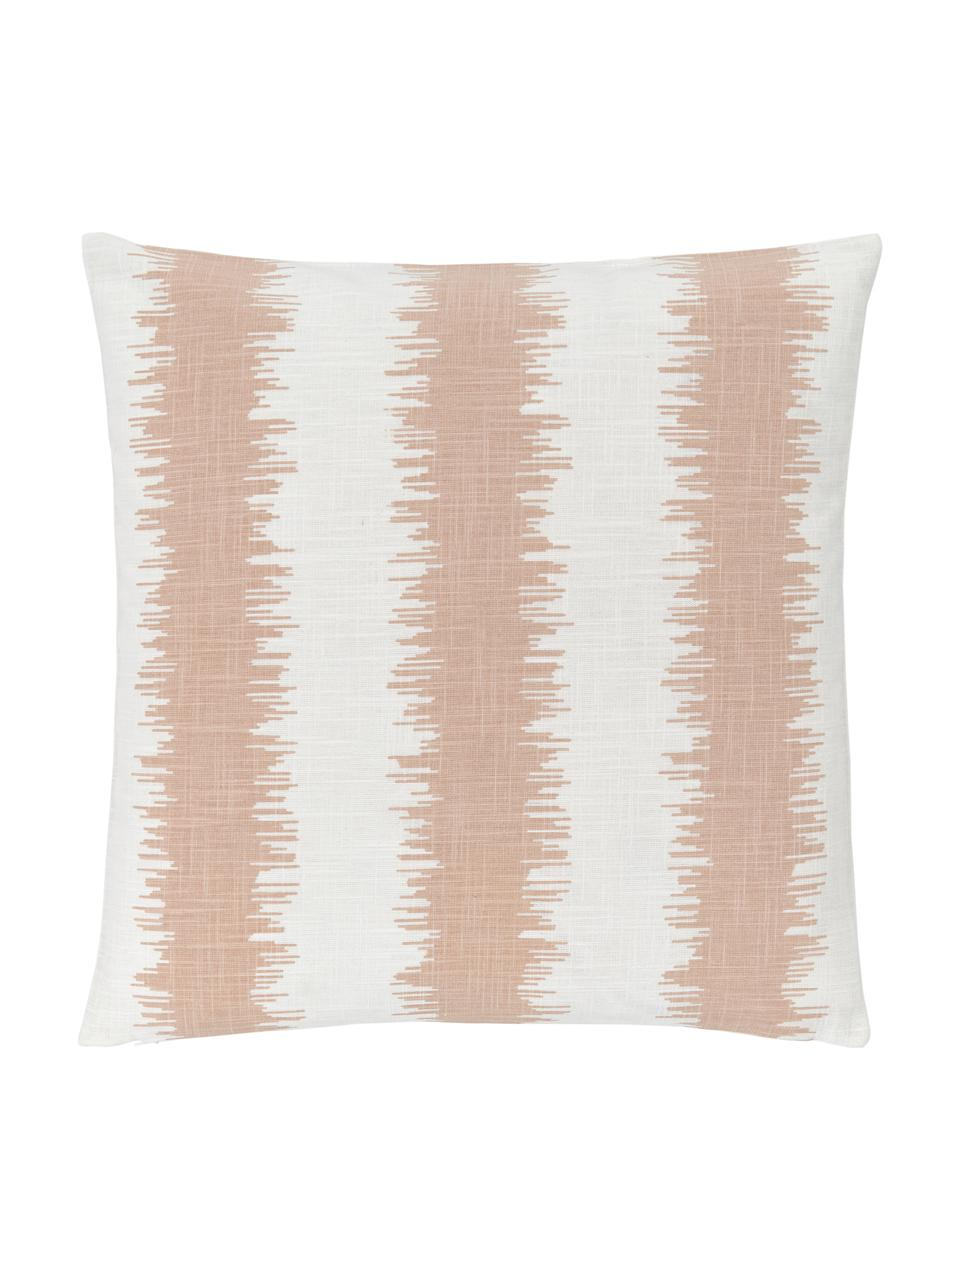 Kissenhüllen Hasan mit Ethnomuster in Pfirsichfarben/Weiß 2er-Set, 100% Baumwolle, Pfirsichfarben, 30 x 50 cm